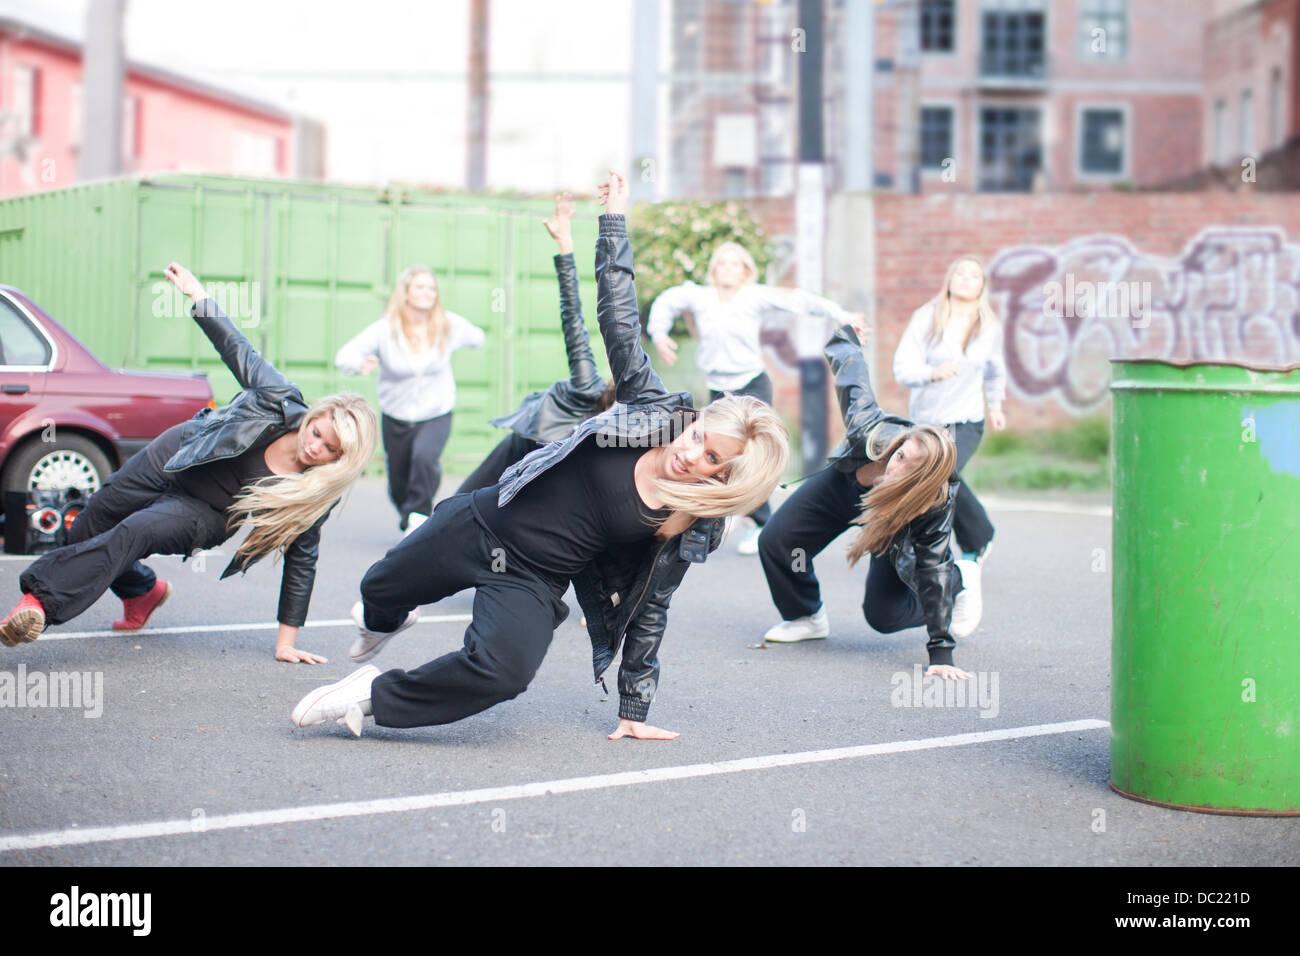 Mädchen üben Tanzschritte auf Parkplatz Stockbild